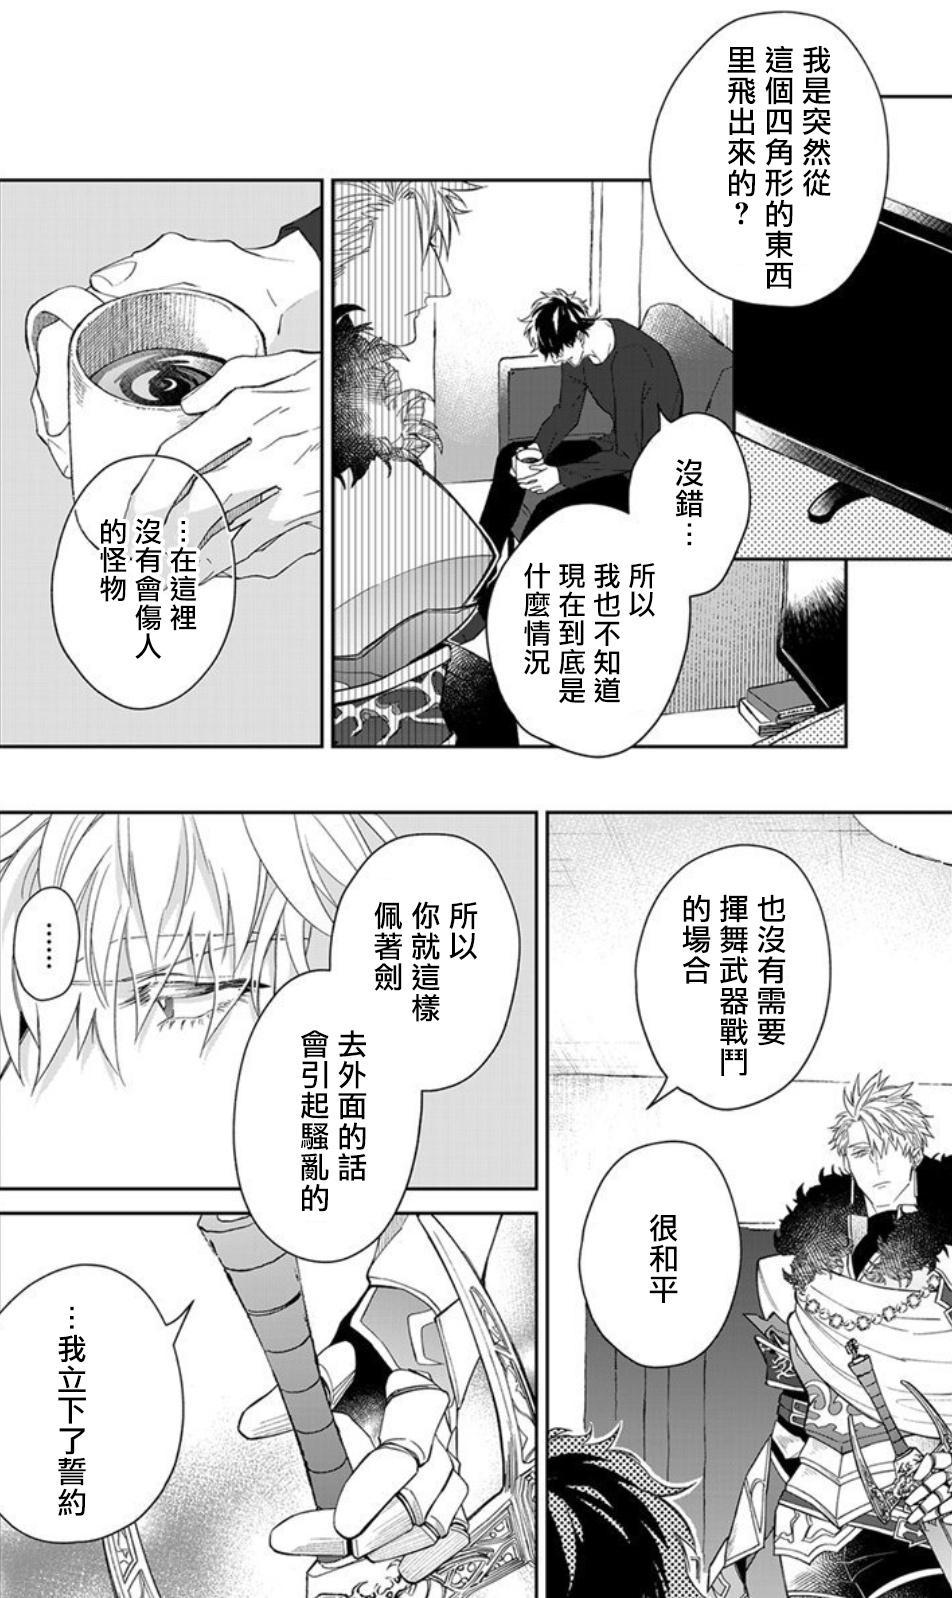 [Akihisa Teo] Kishi-sama (Ikusei-chuu) to Doukyo Shimasu 1.2 [Chinese] [拾荒者汉化组] [Digital] 9